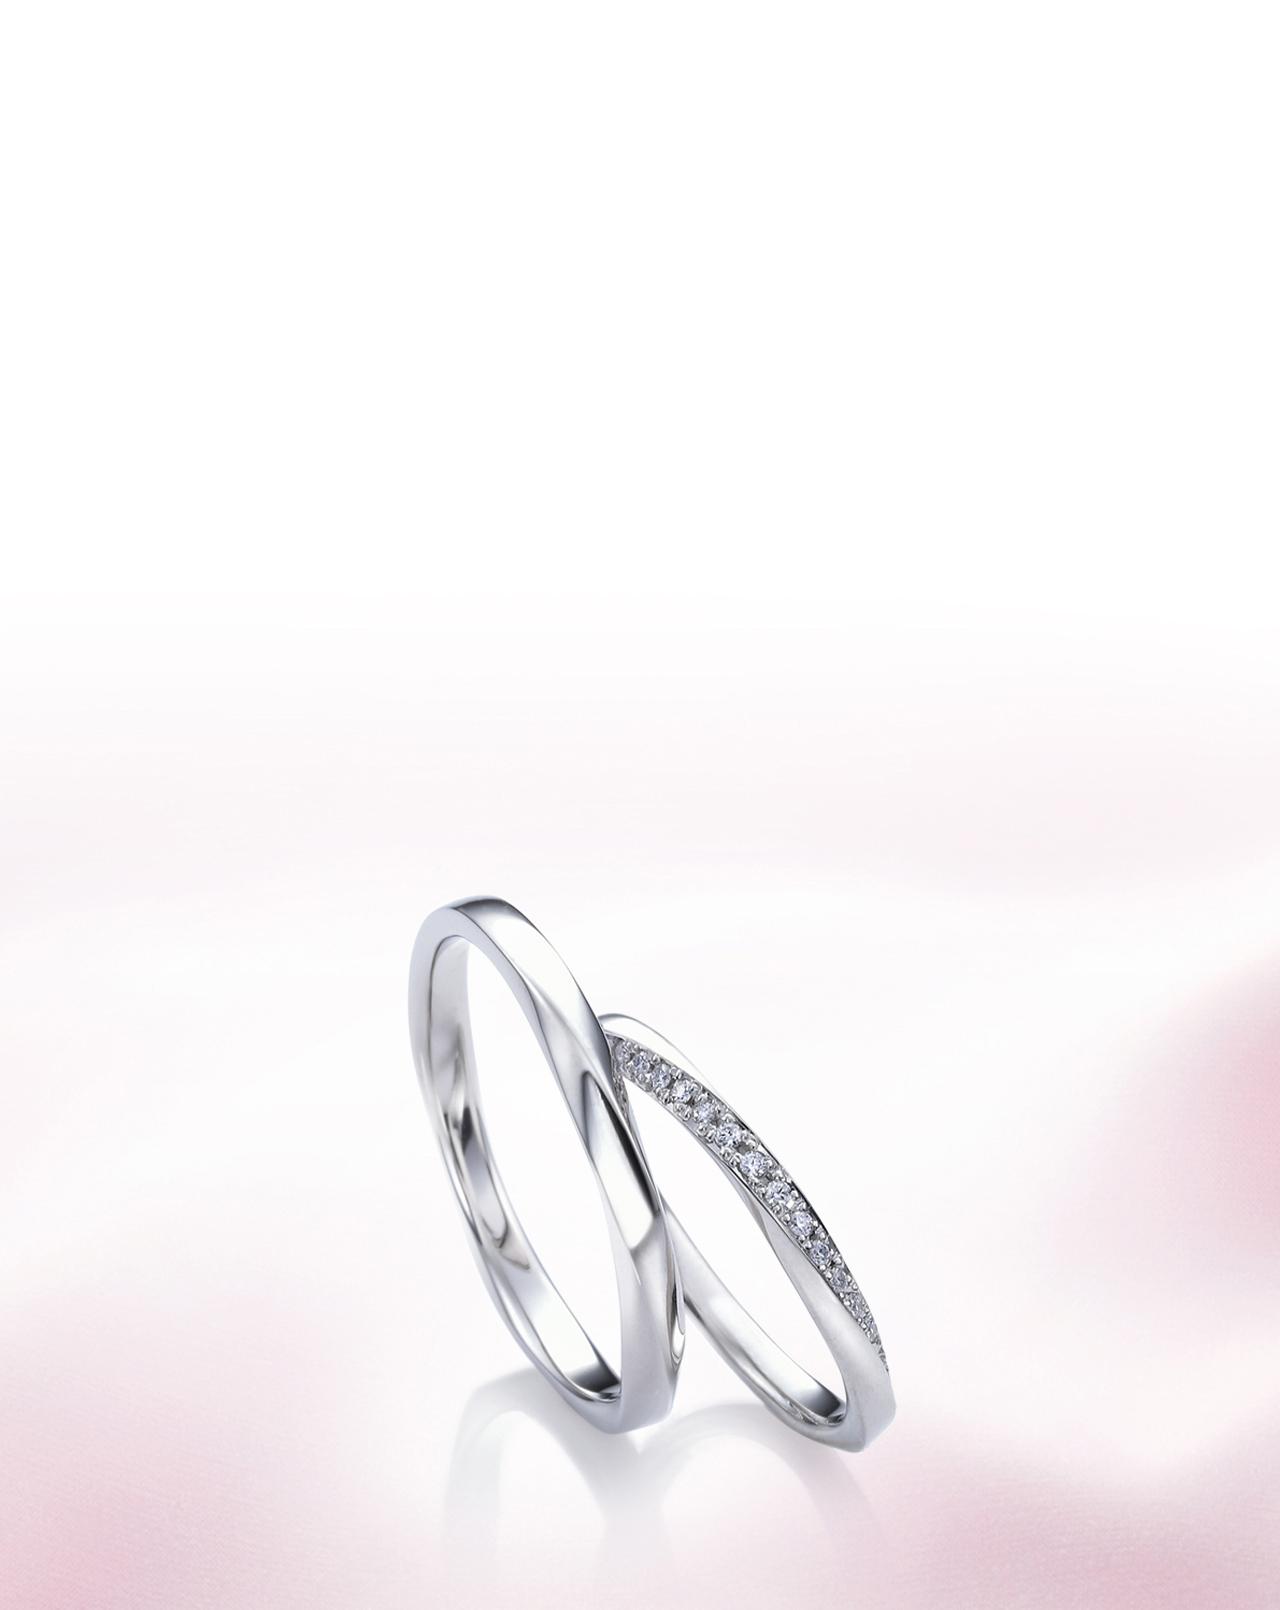 結婚指輪 (マリッジリング)